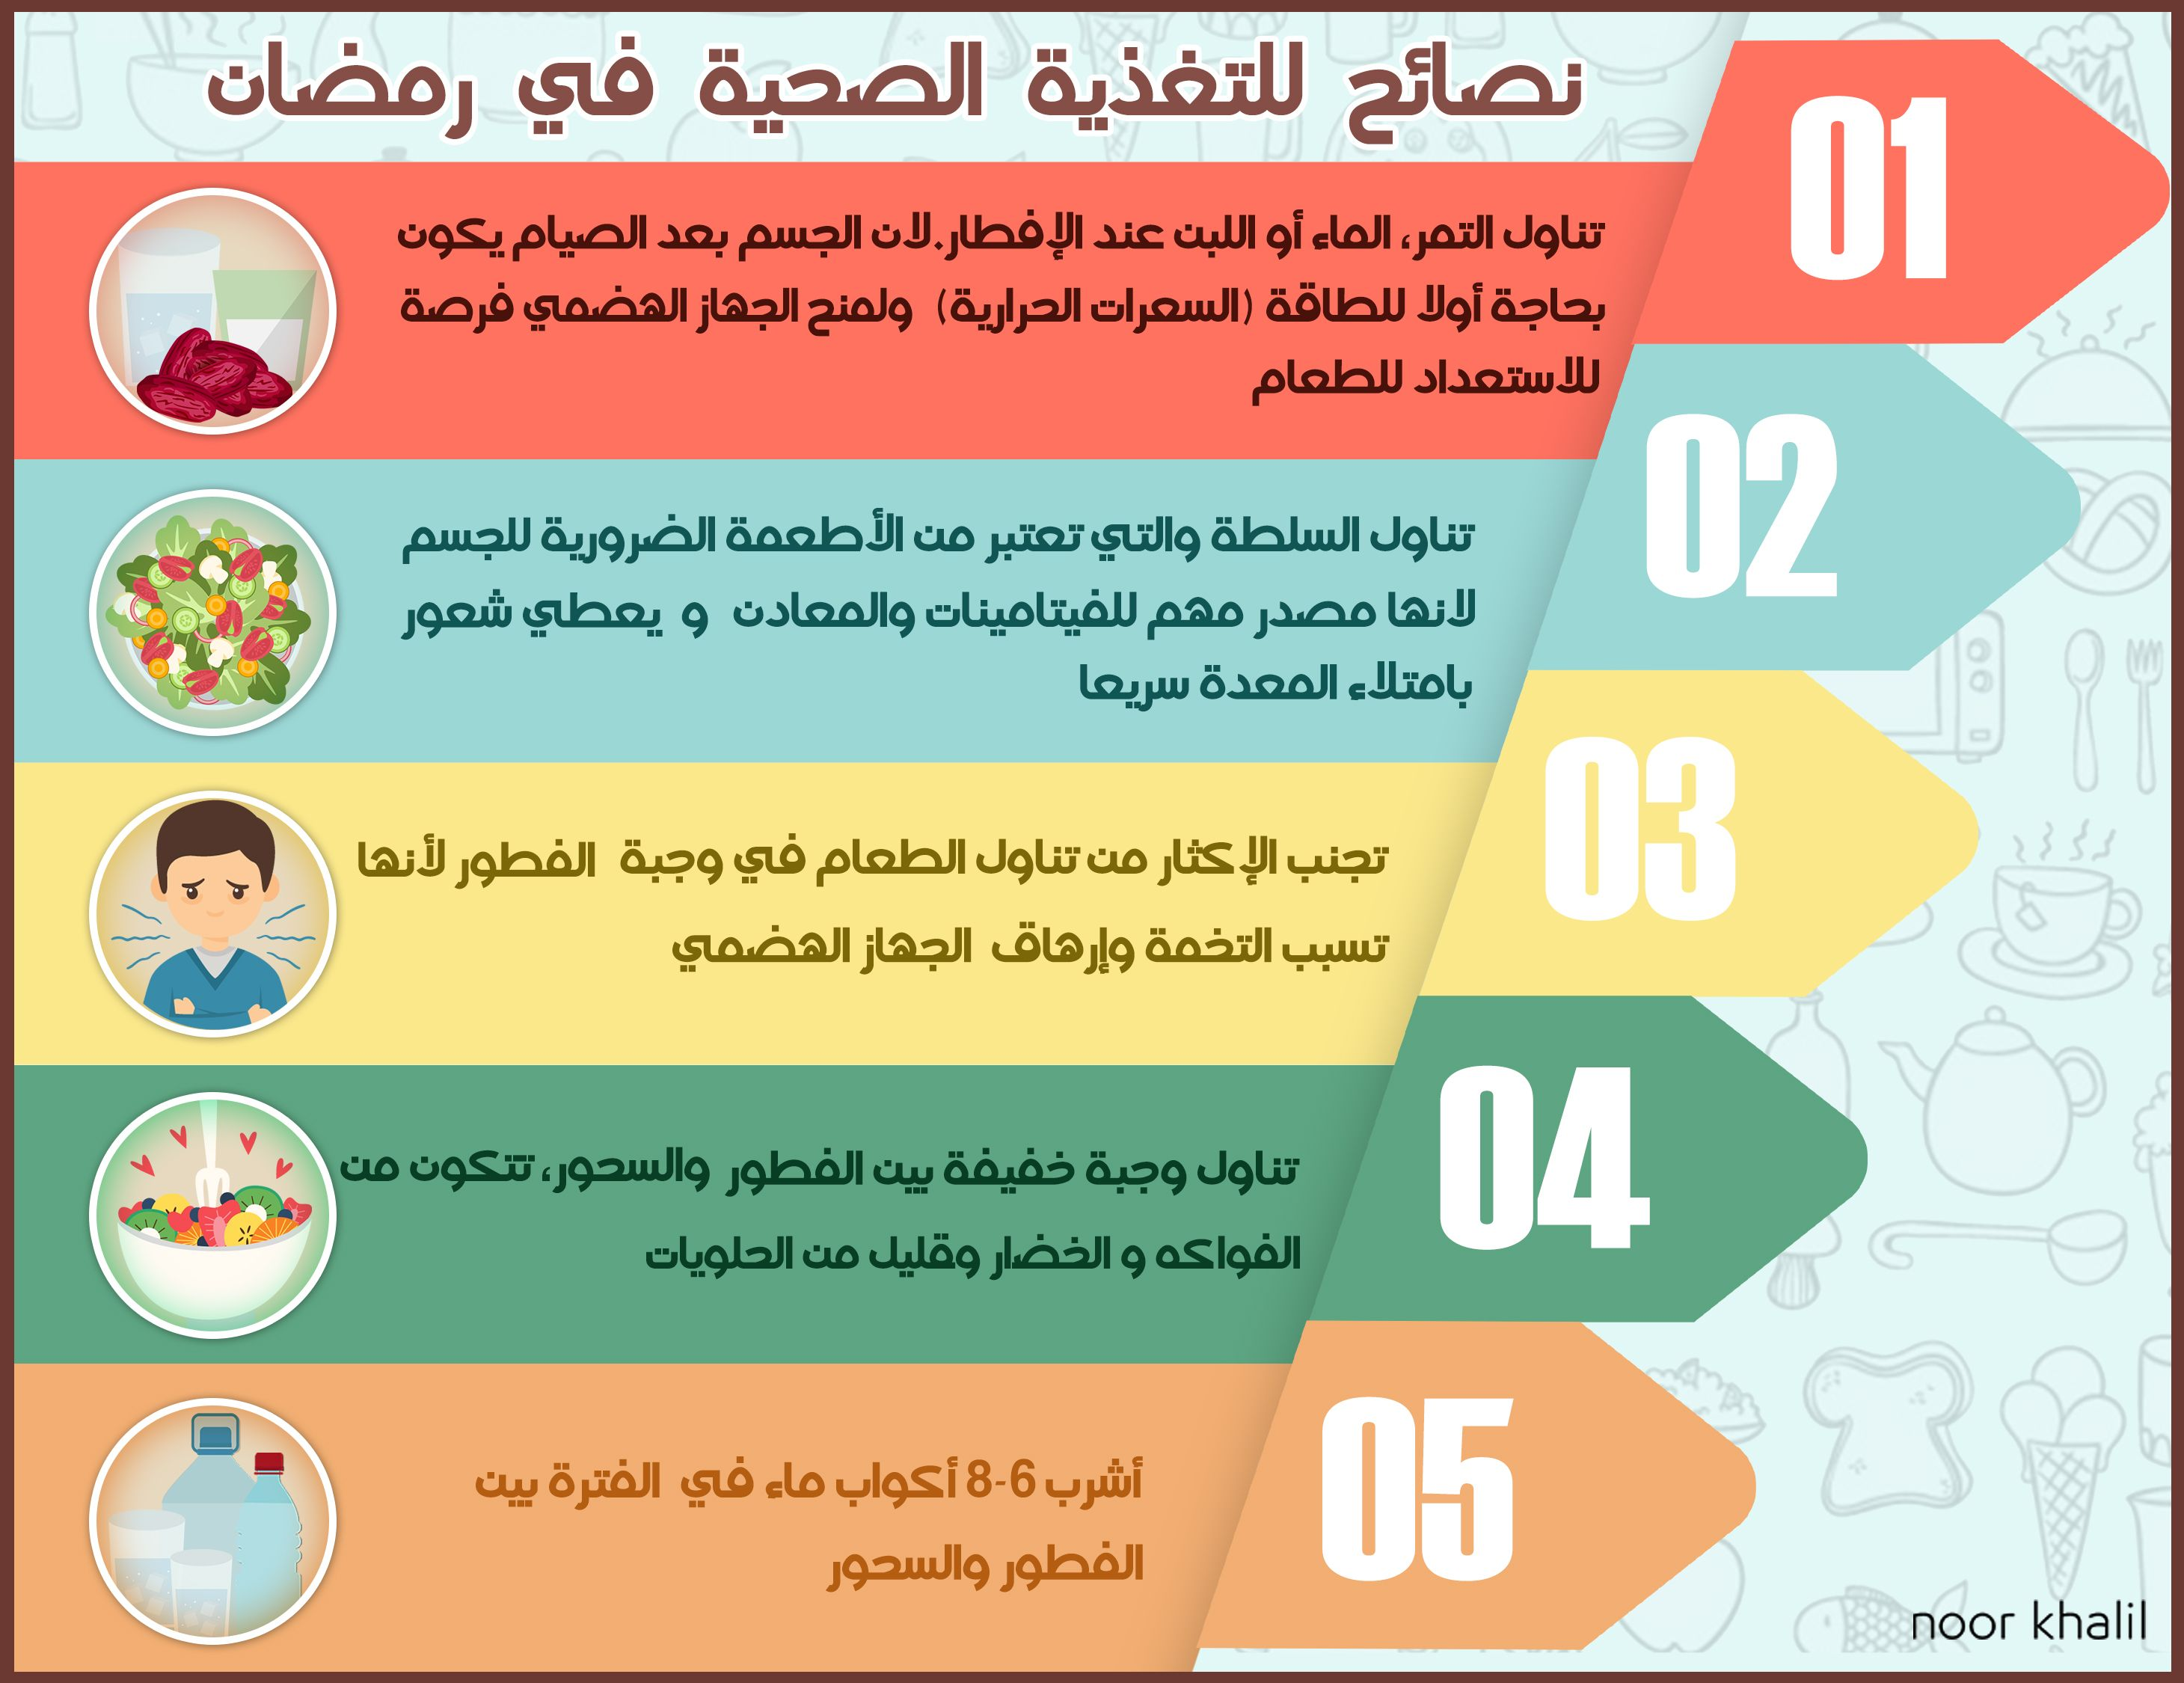 صور رجيم في رمضان , فوائد عديدة وتخفيض الوزن فى رجيم رمضان